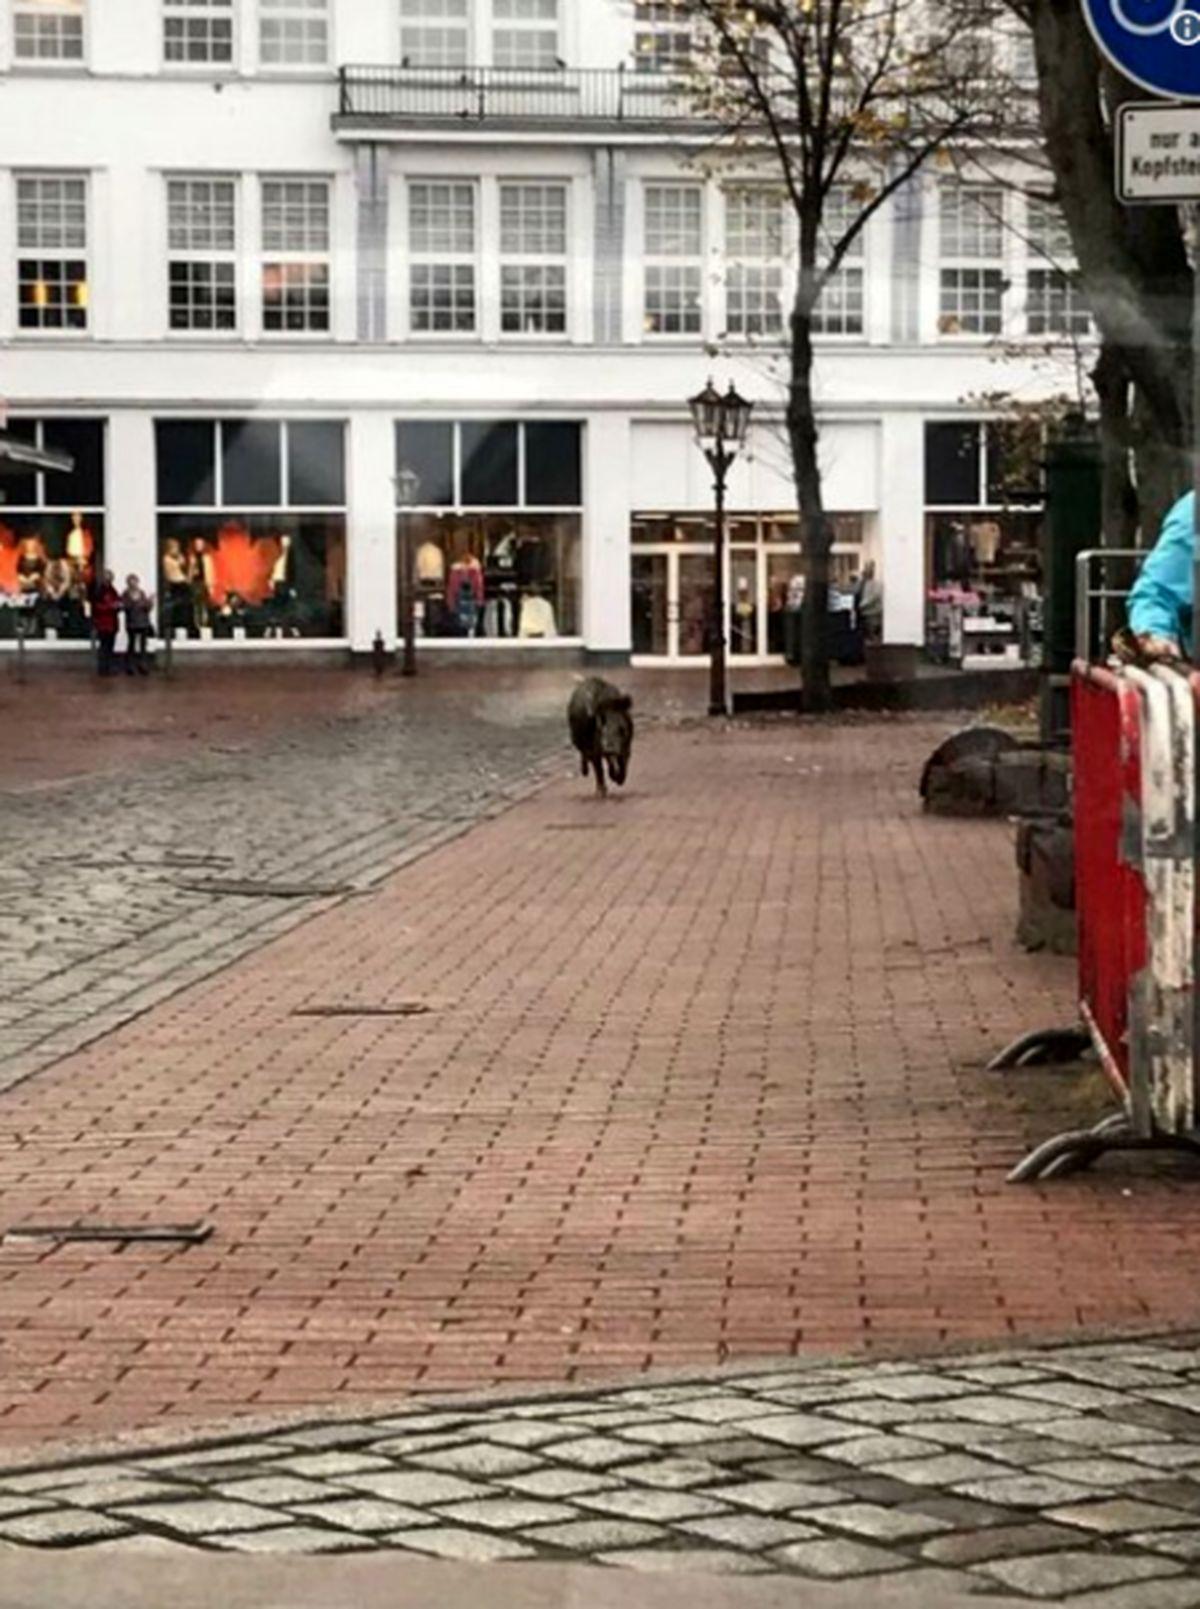 دو گراز وحشی یک شهر را برهم ریختند +تصاویر